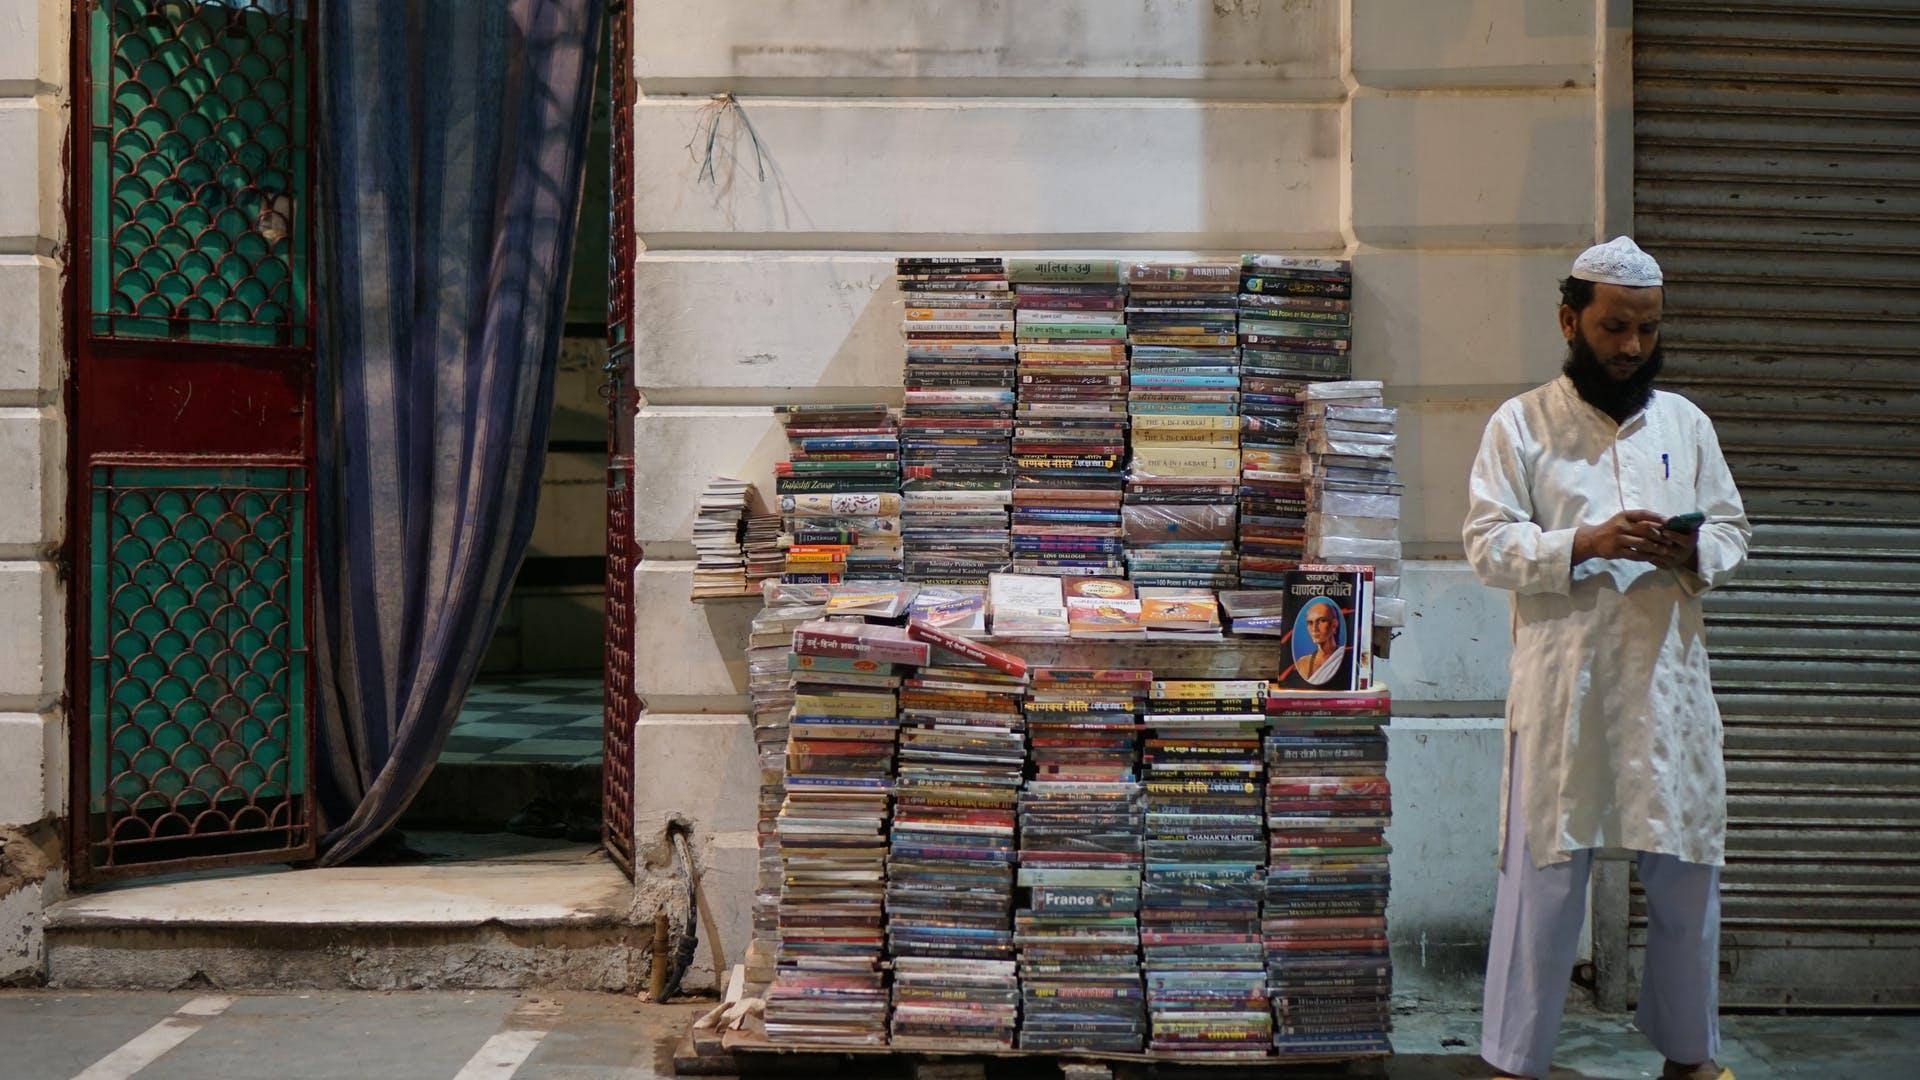 mobile delhi street books india street market